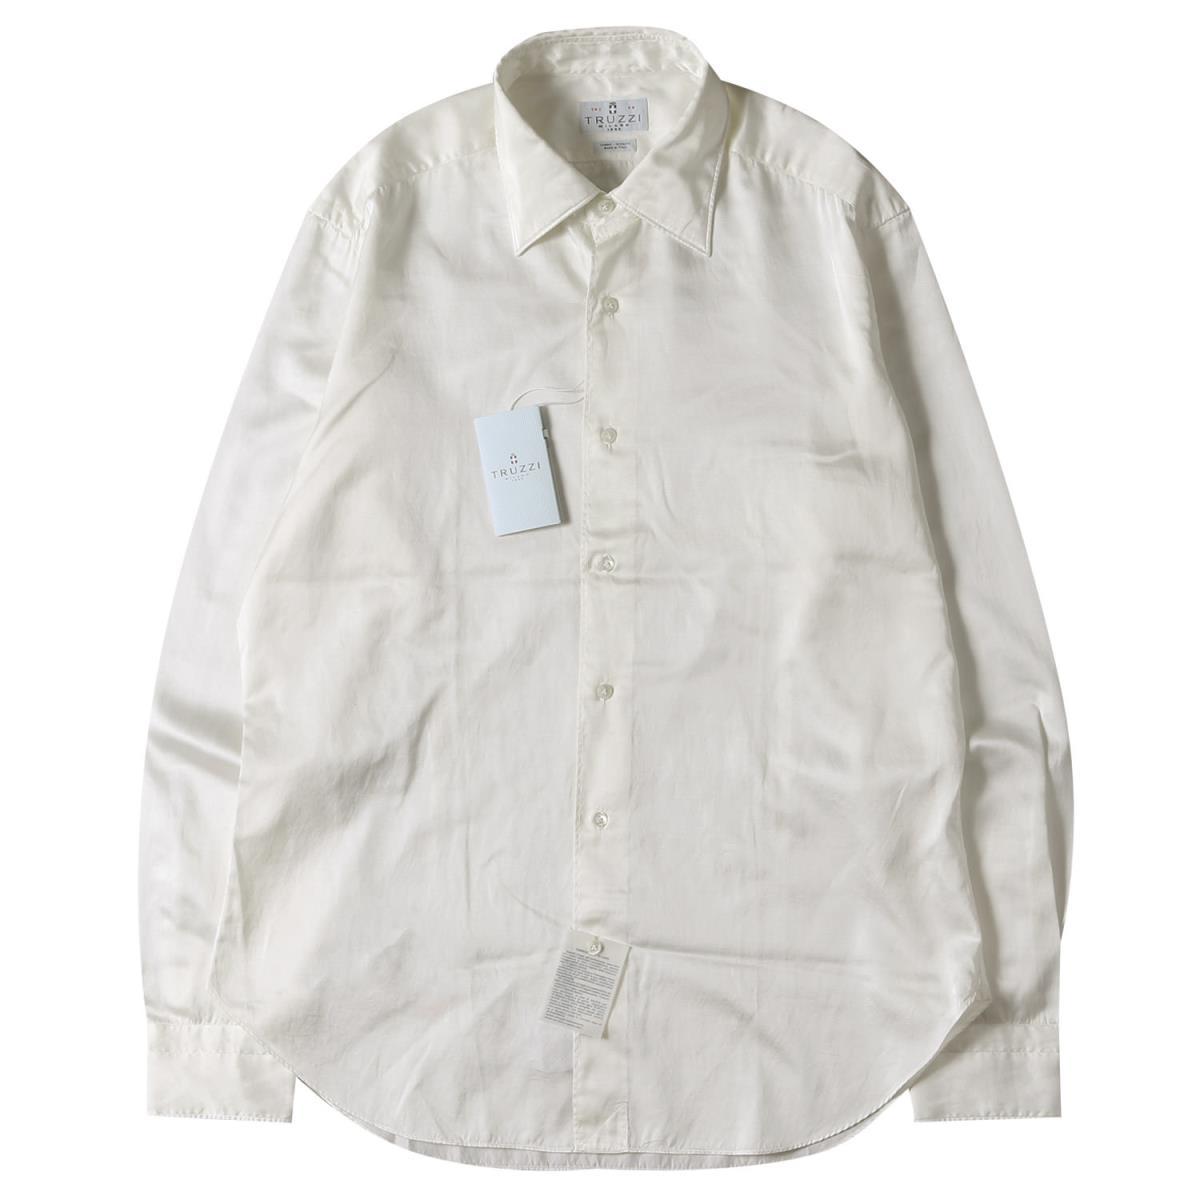 トップス, カジュアルシャツ TRUZZI 16 12(42) K2819